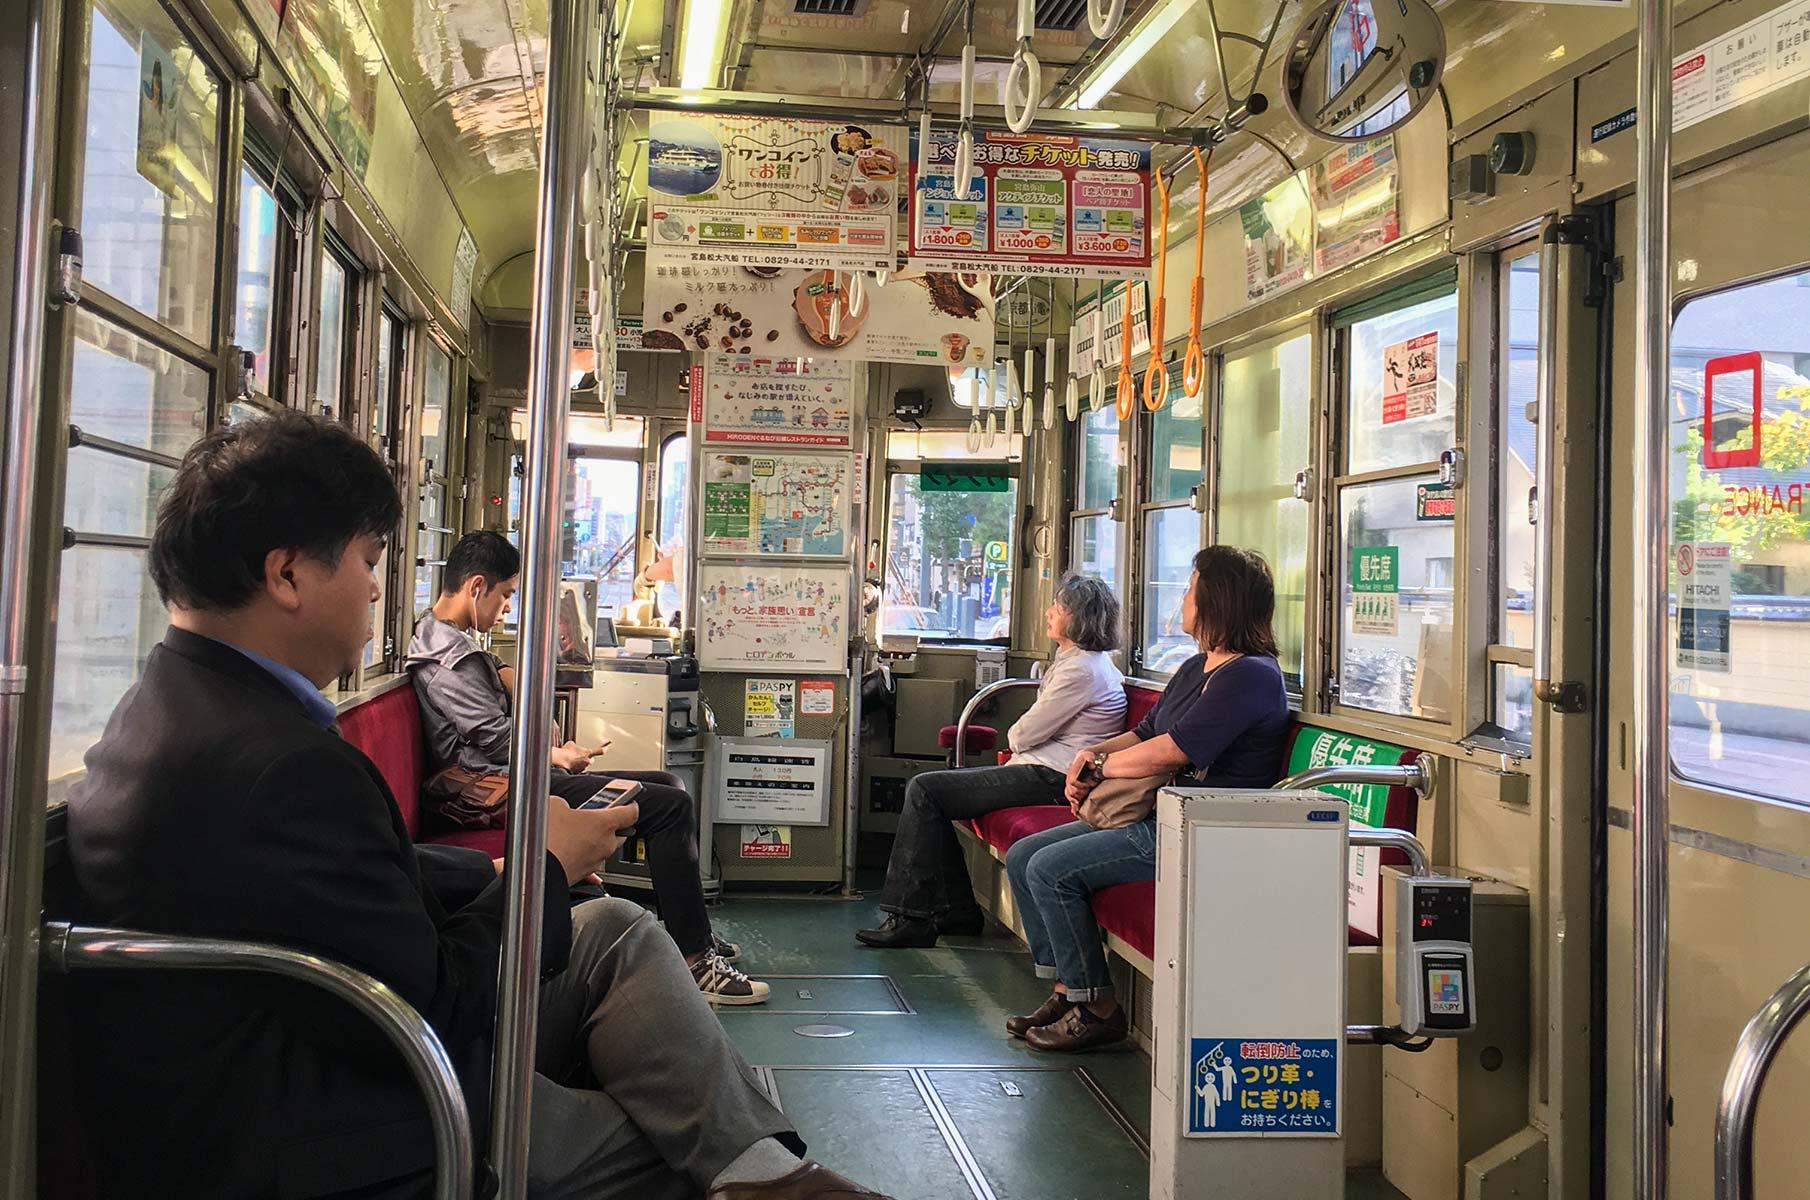 Innenansicht einer historischen Tram in Hiroshima, Japan